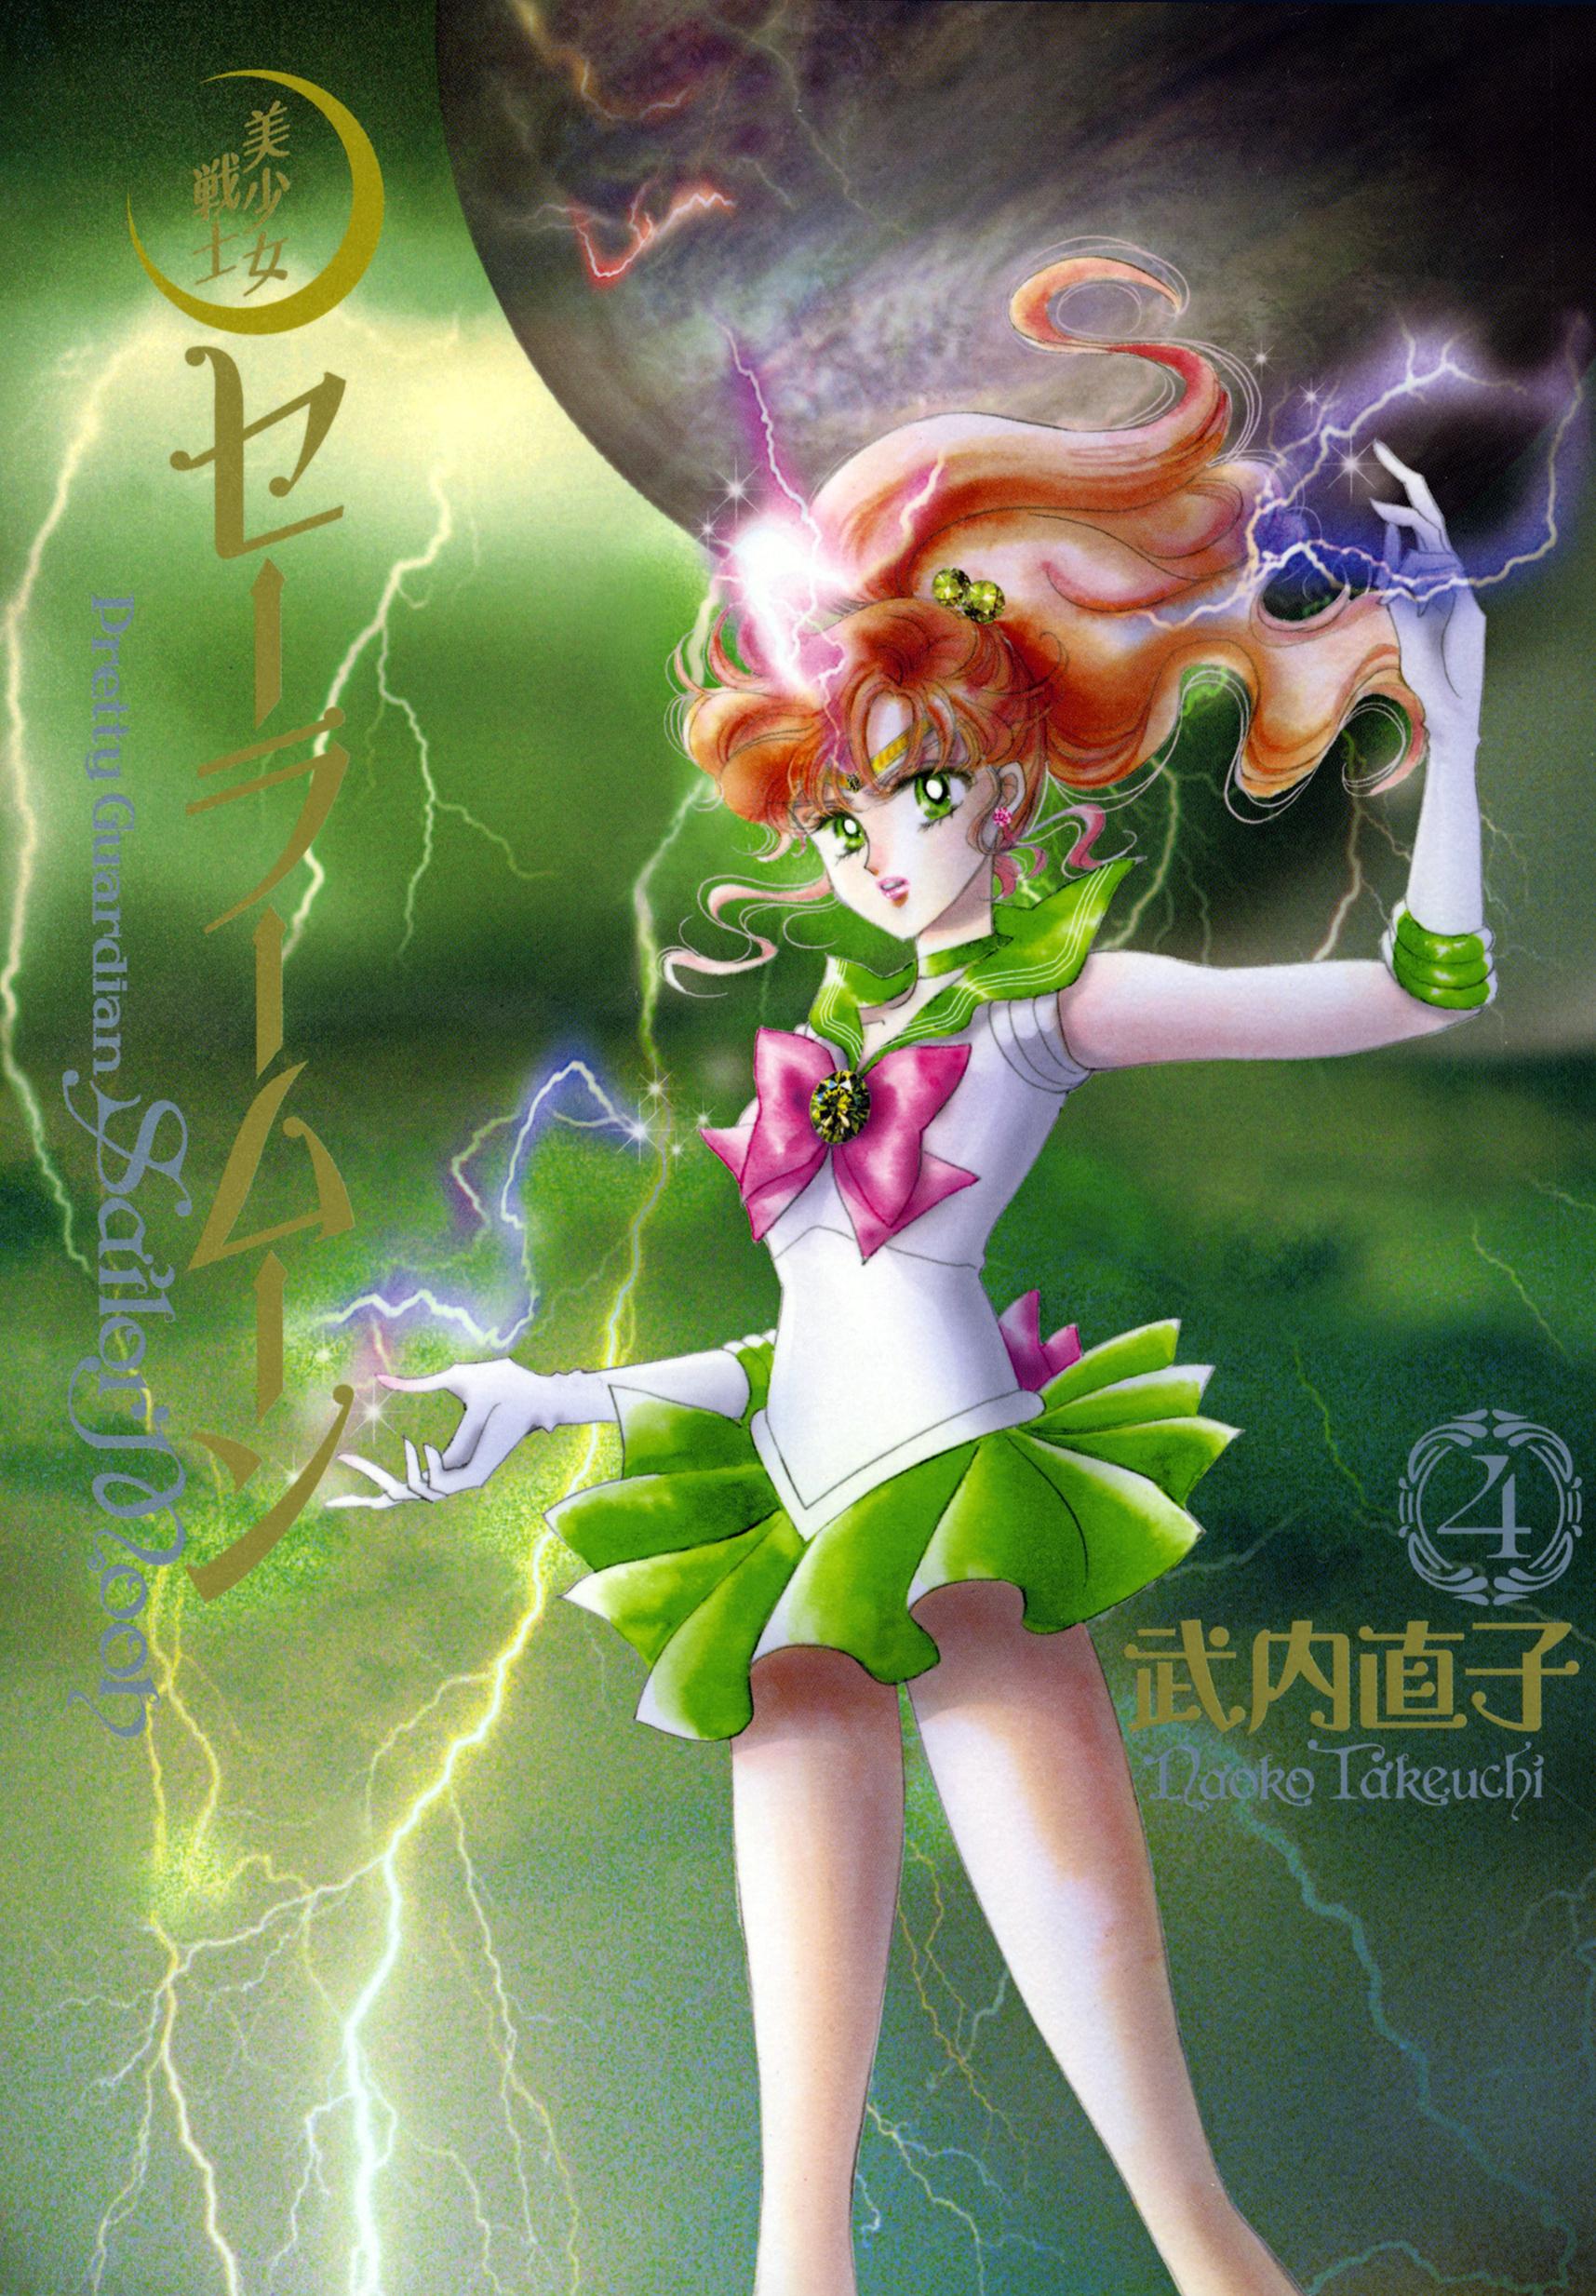 Sailor Moon Kanzenban (20th Anniversary Edition) & Sailor Moon Norma Editorial 64536404udp